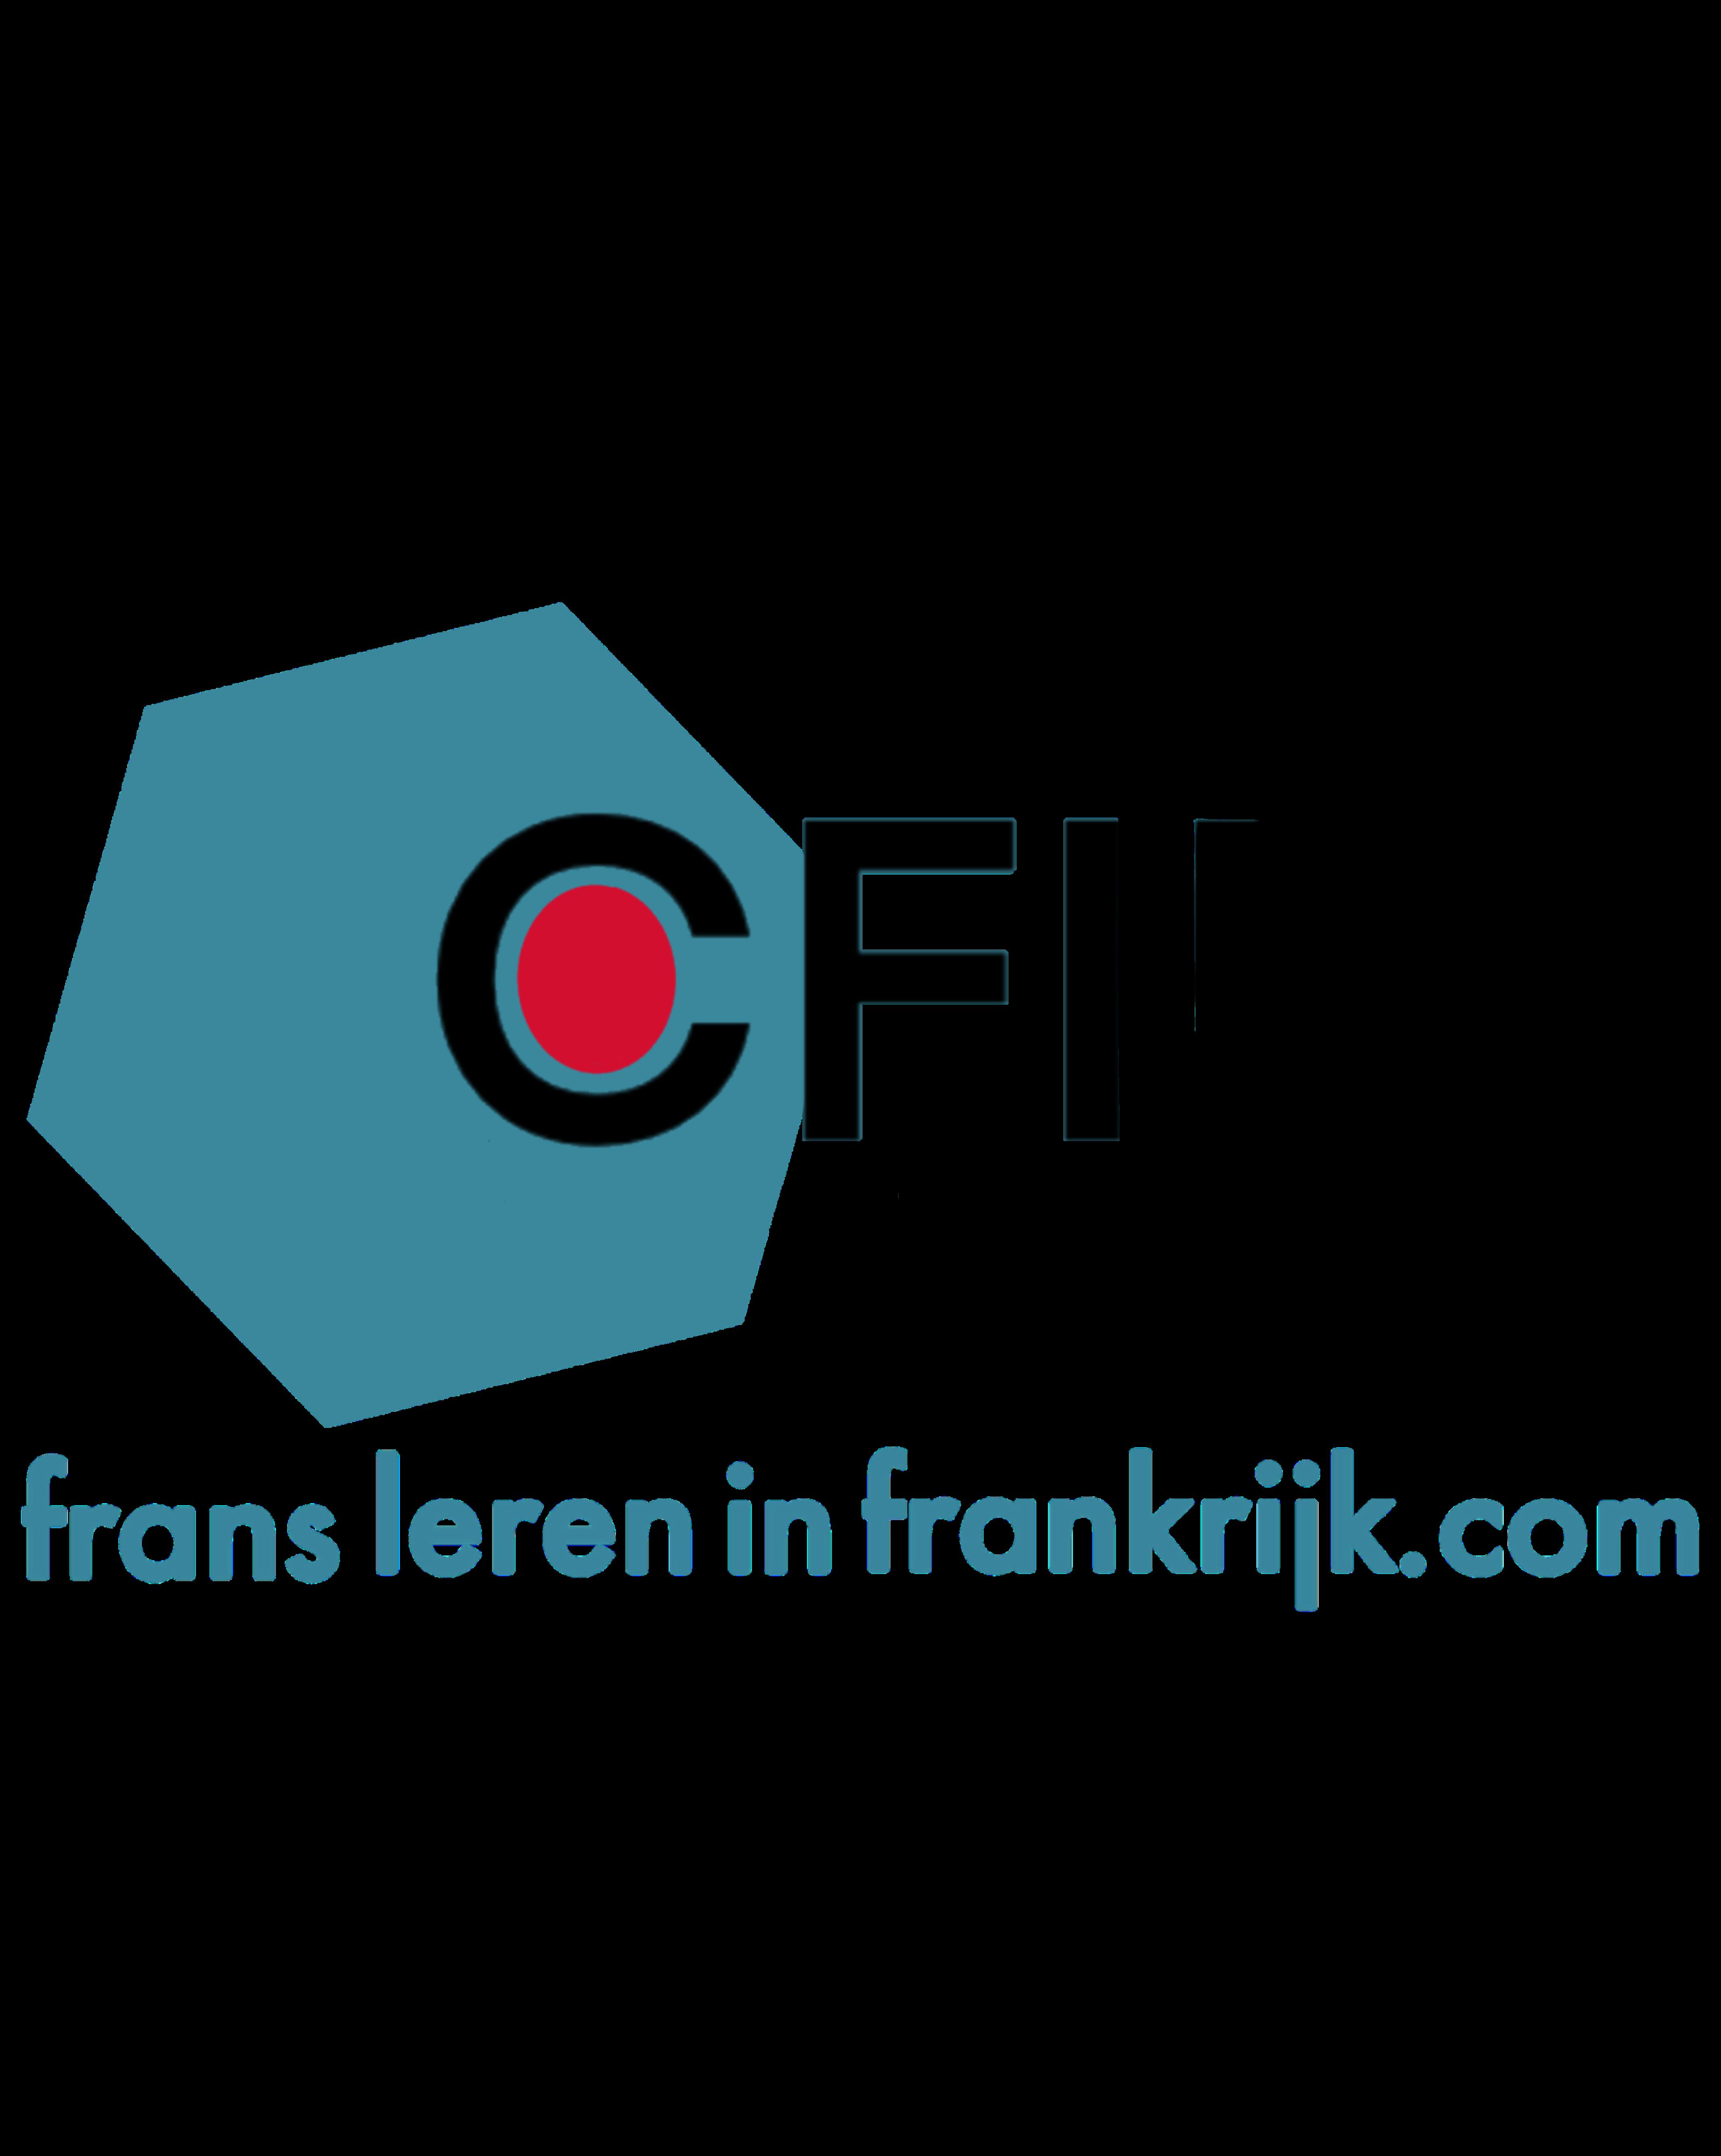 Frans leren in Frankrijk